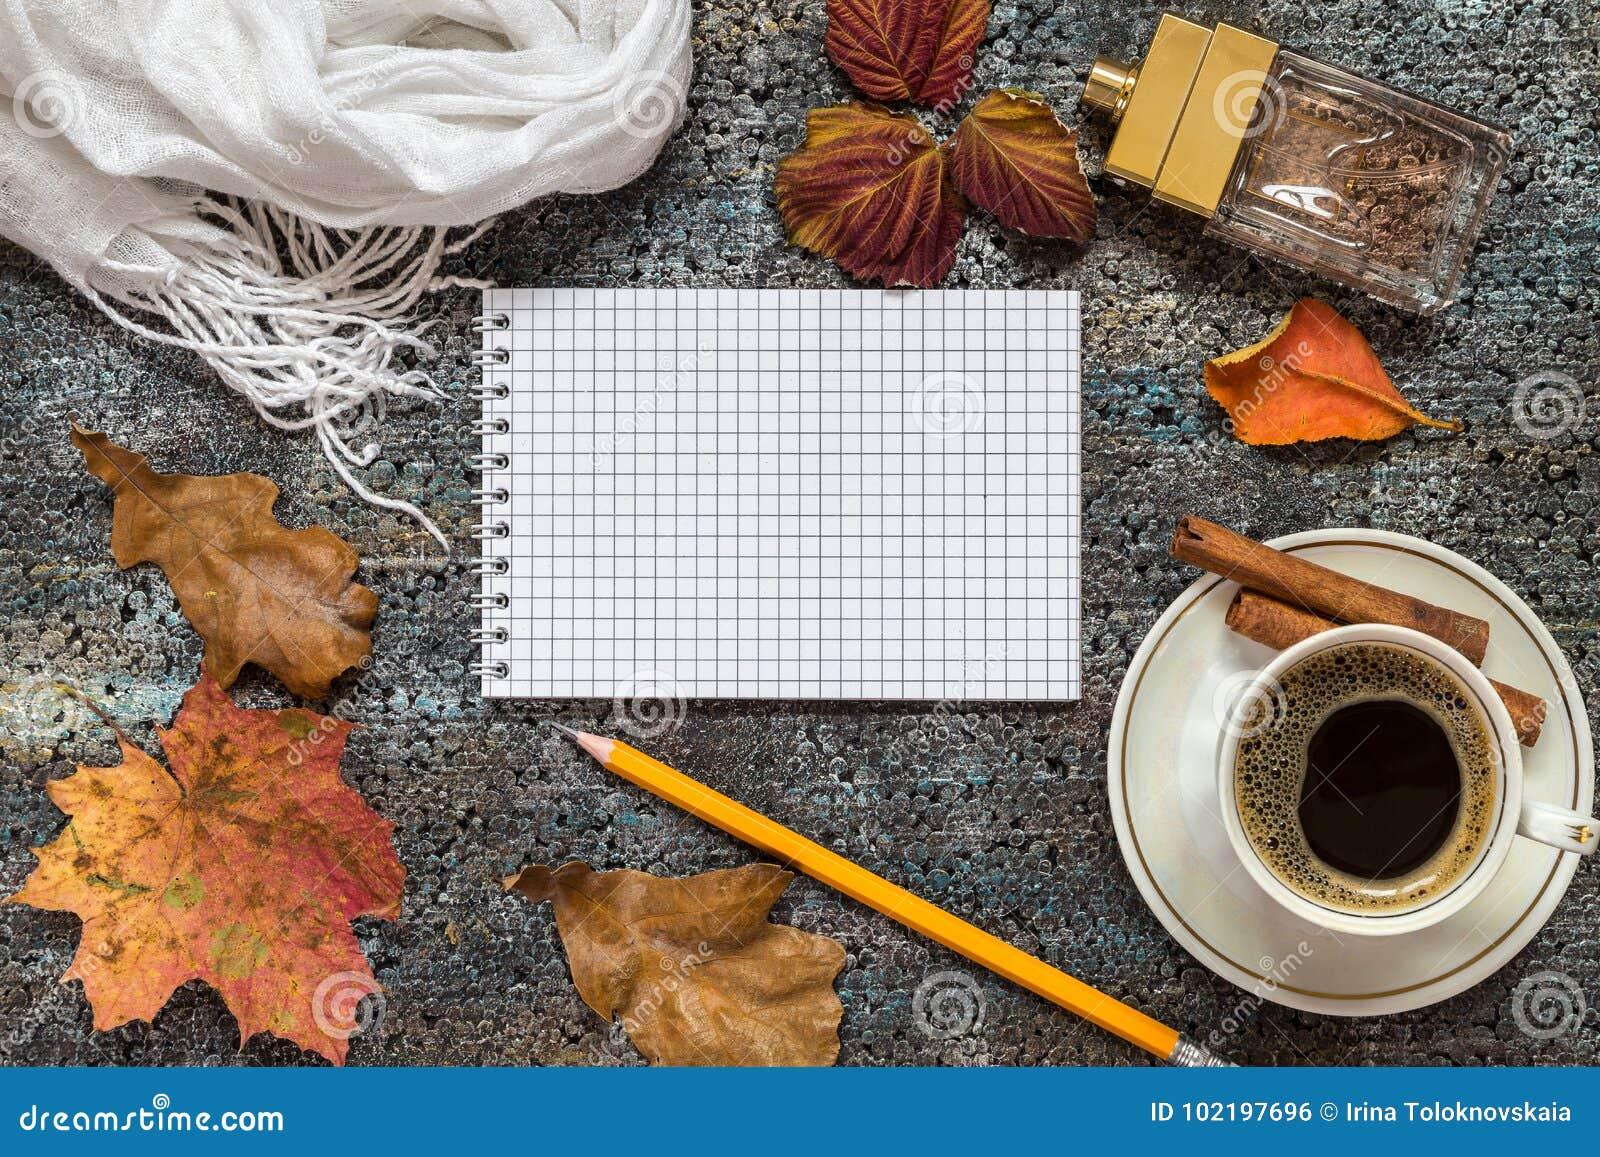 Imagen con una taza de café